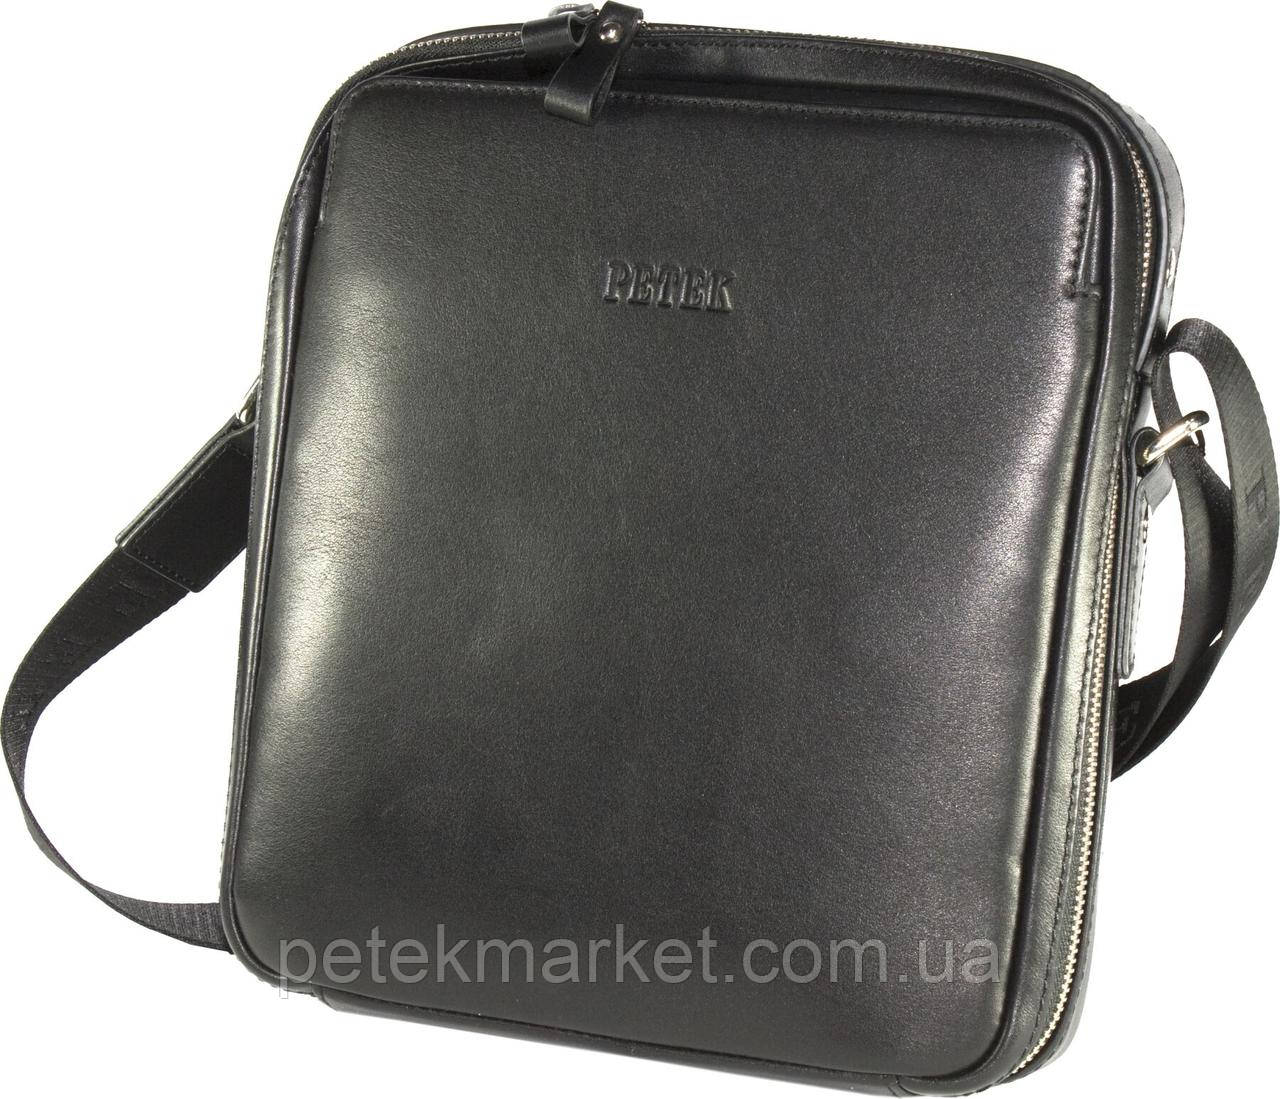 Кожаная мужская сумка Petek 3861